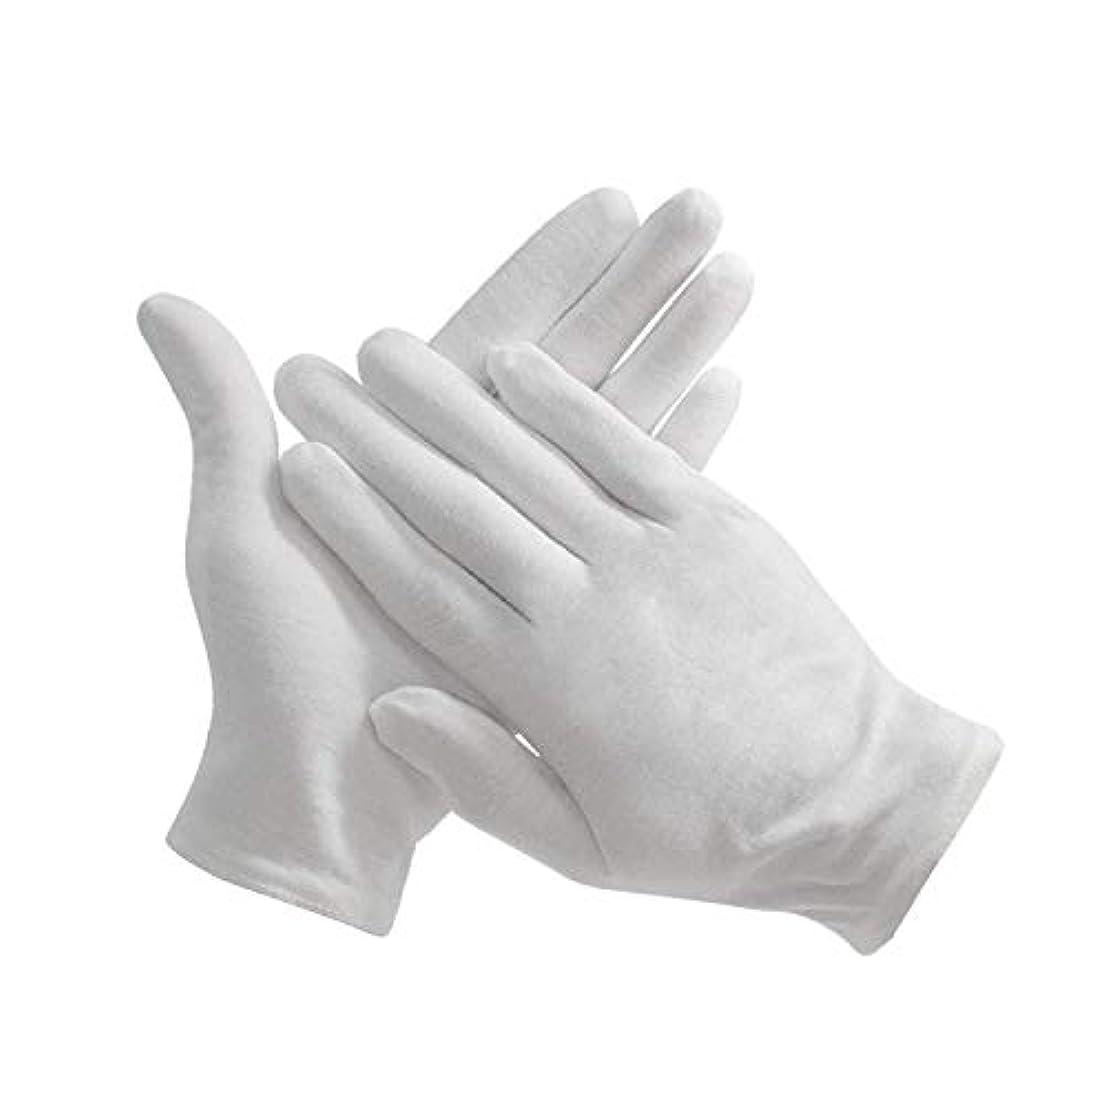 どう?伝染性の継続中12双組 手袋 綿手袋 手荒れ 純綿使い捨て 白手袋 薄手 お休み 湿疹 保湿 白手袋